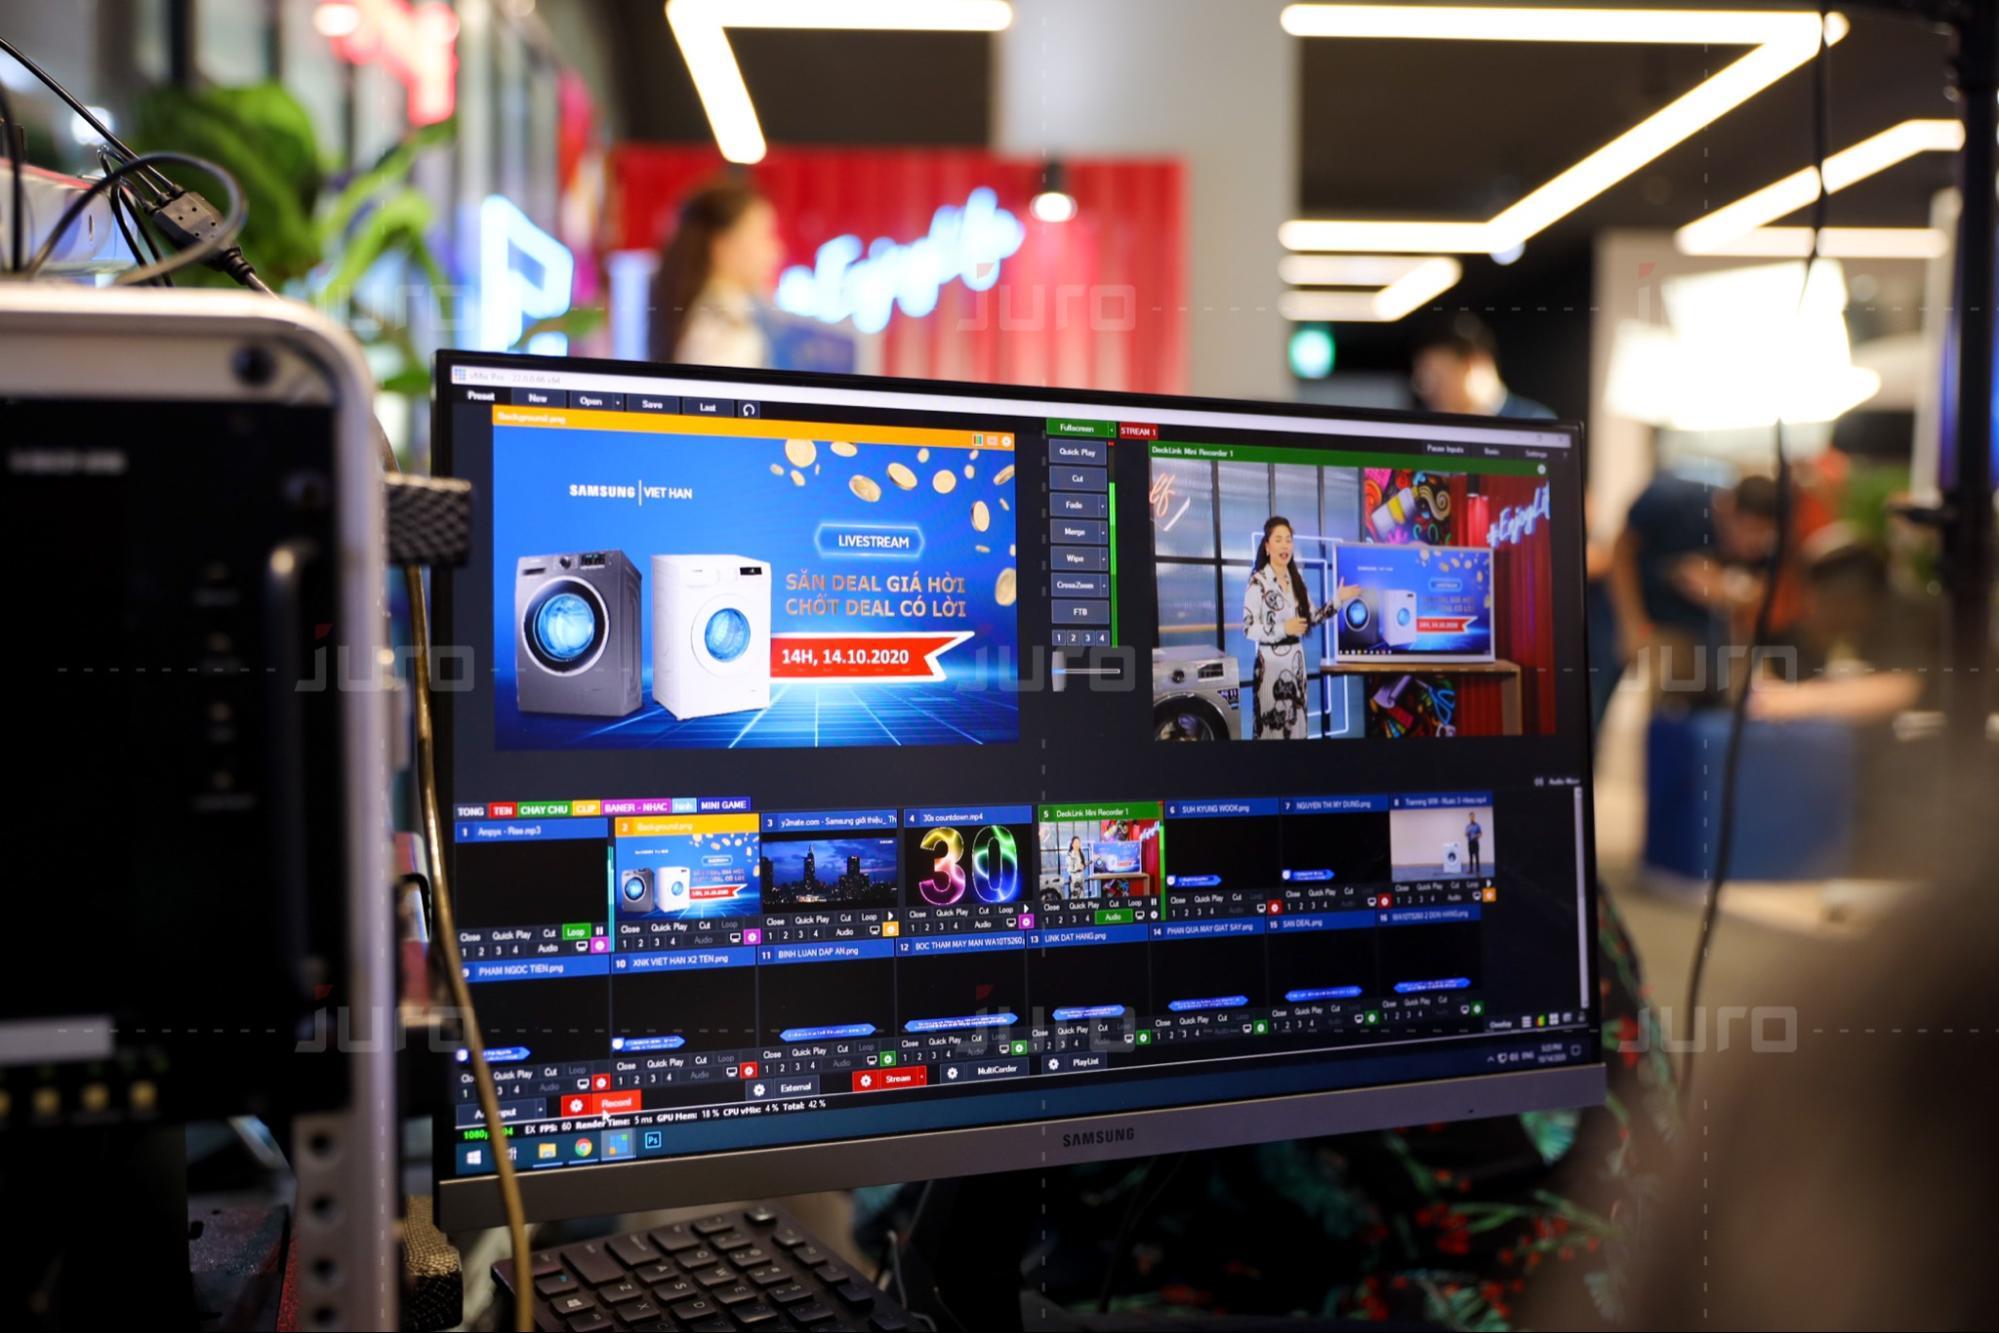 JURO cung cấp dịch vụ Livestream tại TP Hồ Chí Minh